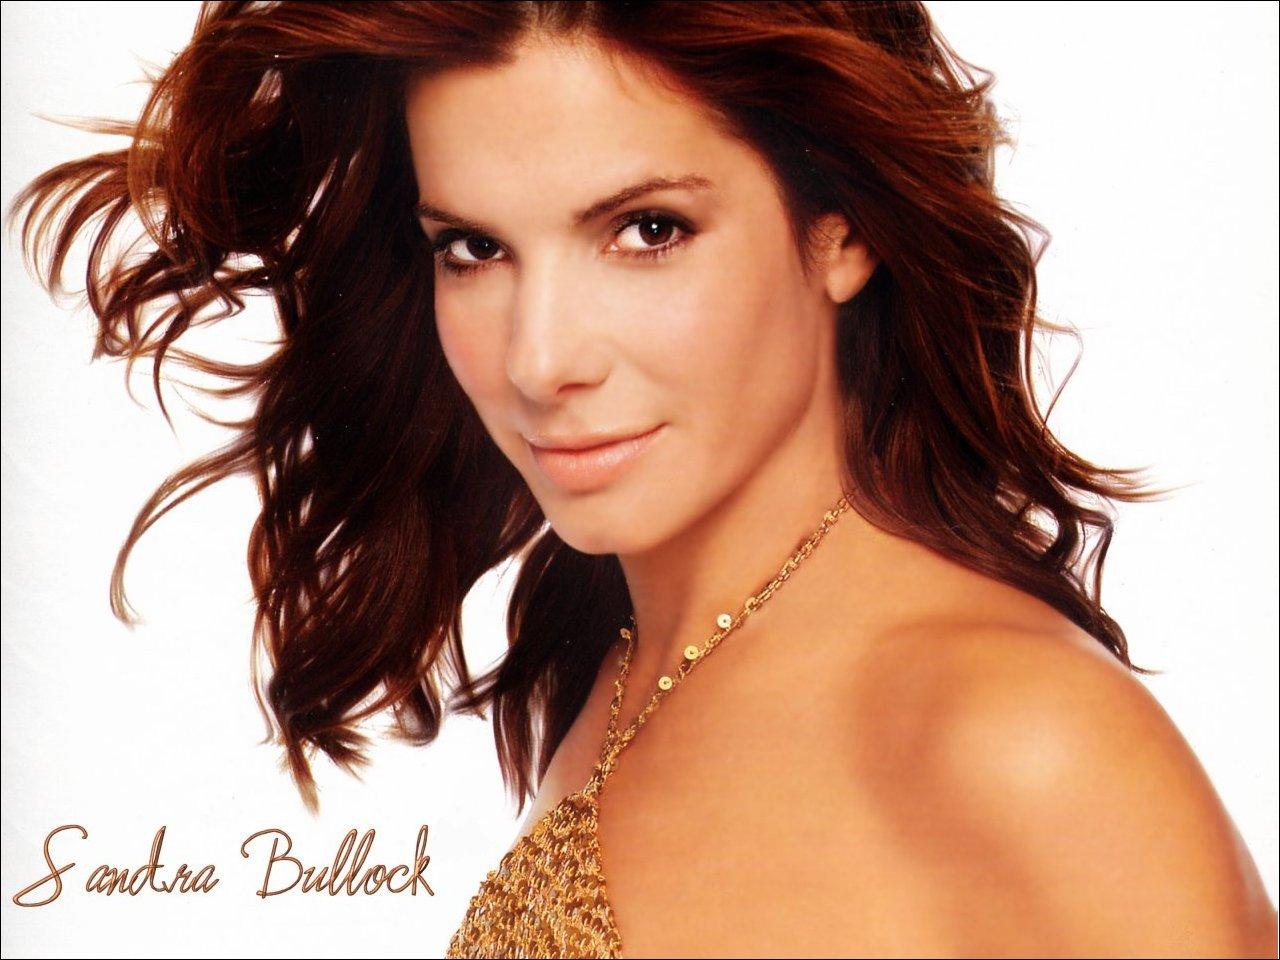 http://2.bp.blogspot.com/-zkv99RoiTwI/TdNs7dzh2BI/AAAAAAAAADA/R6YY4y20gSY/s1600/Sandra+Bullock.jpg